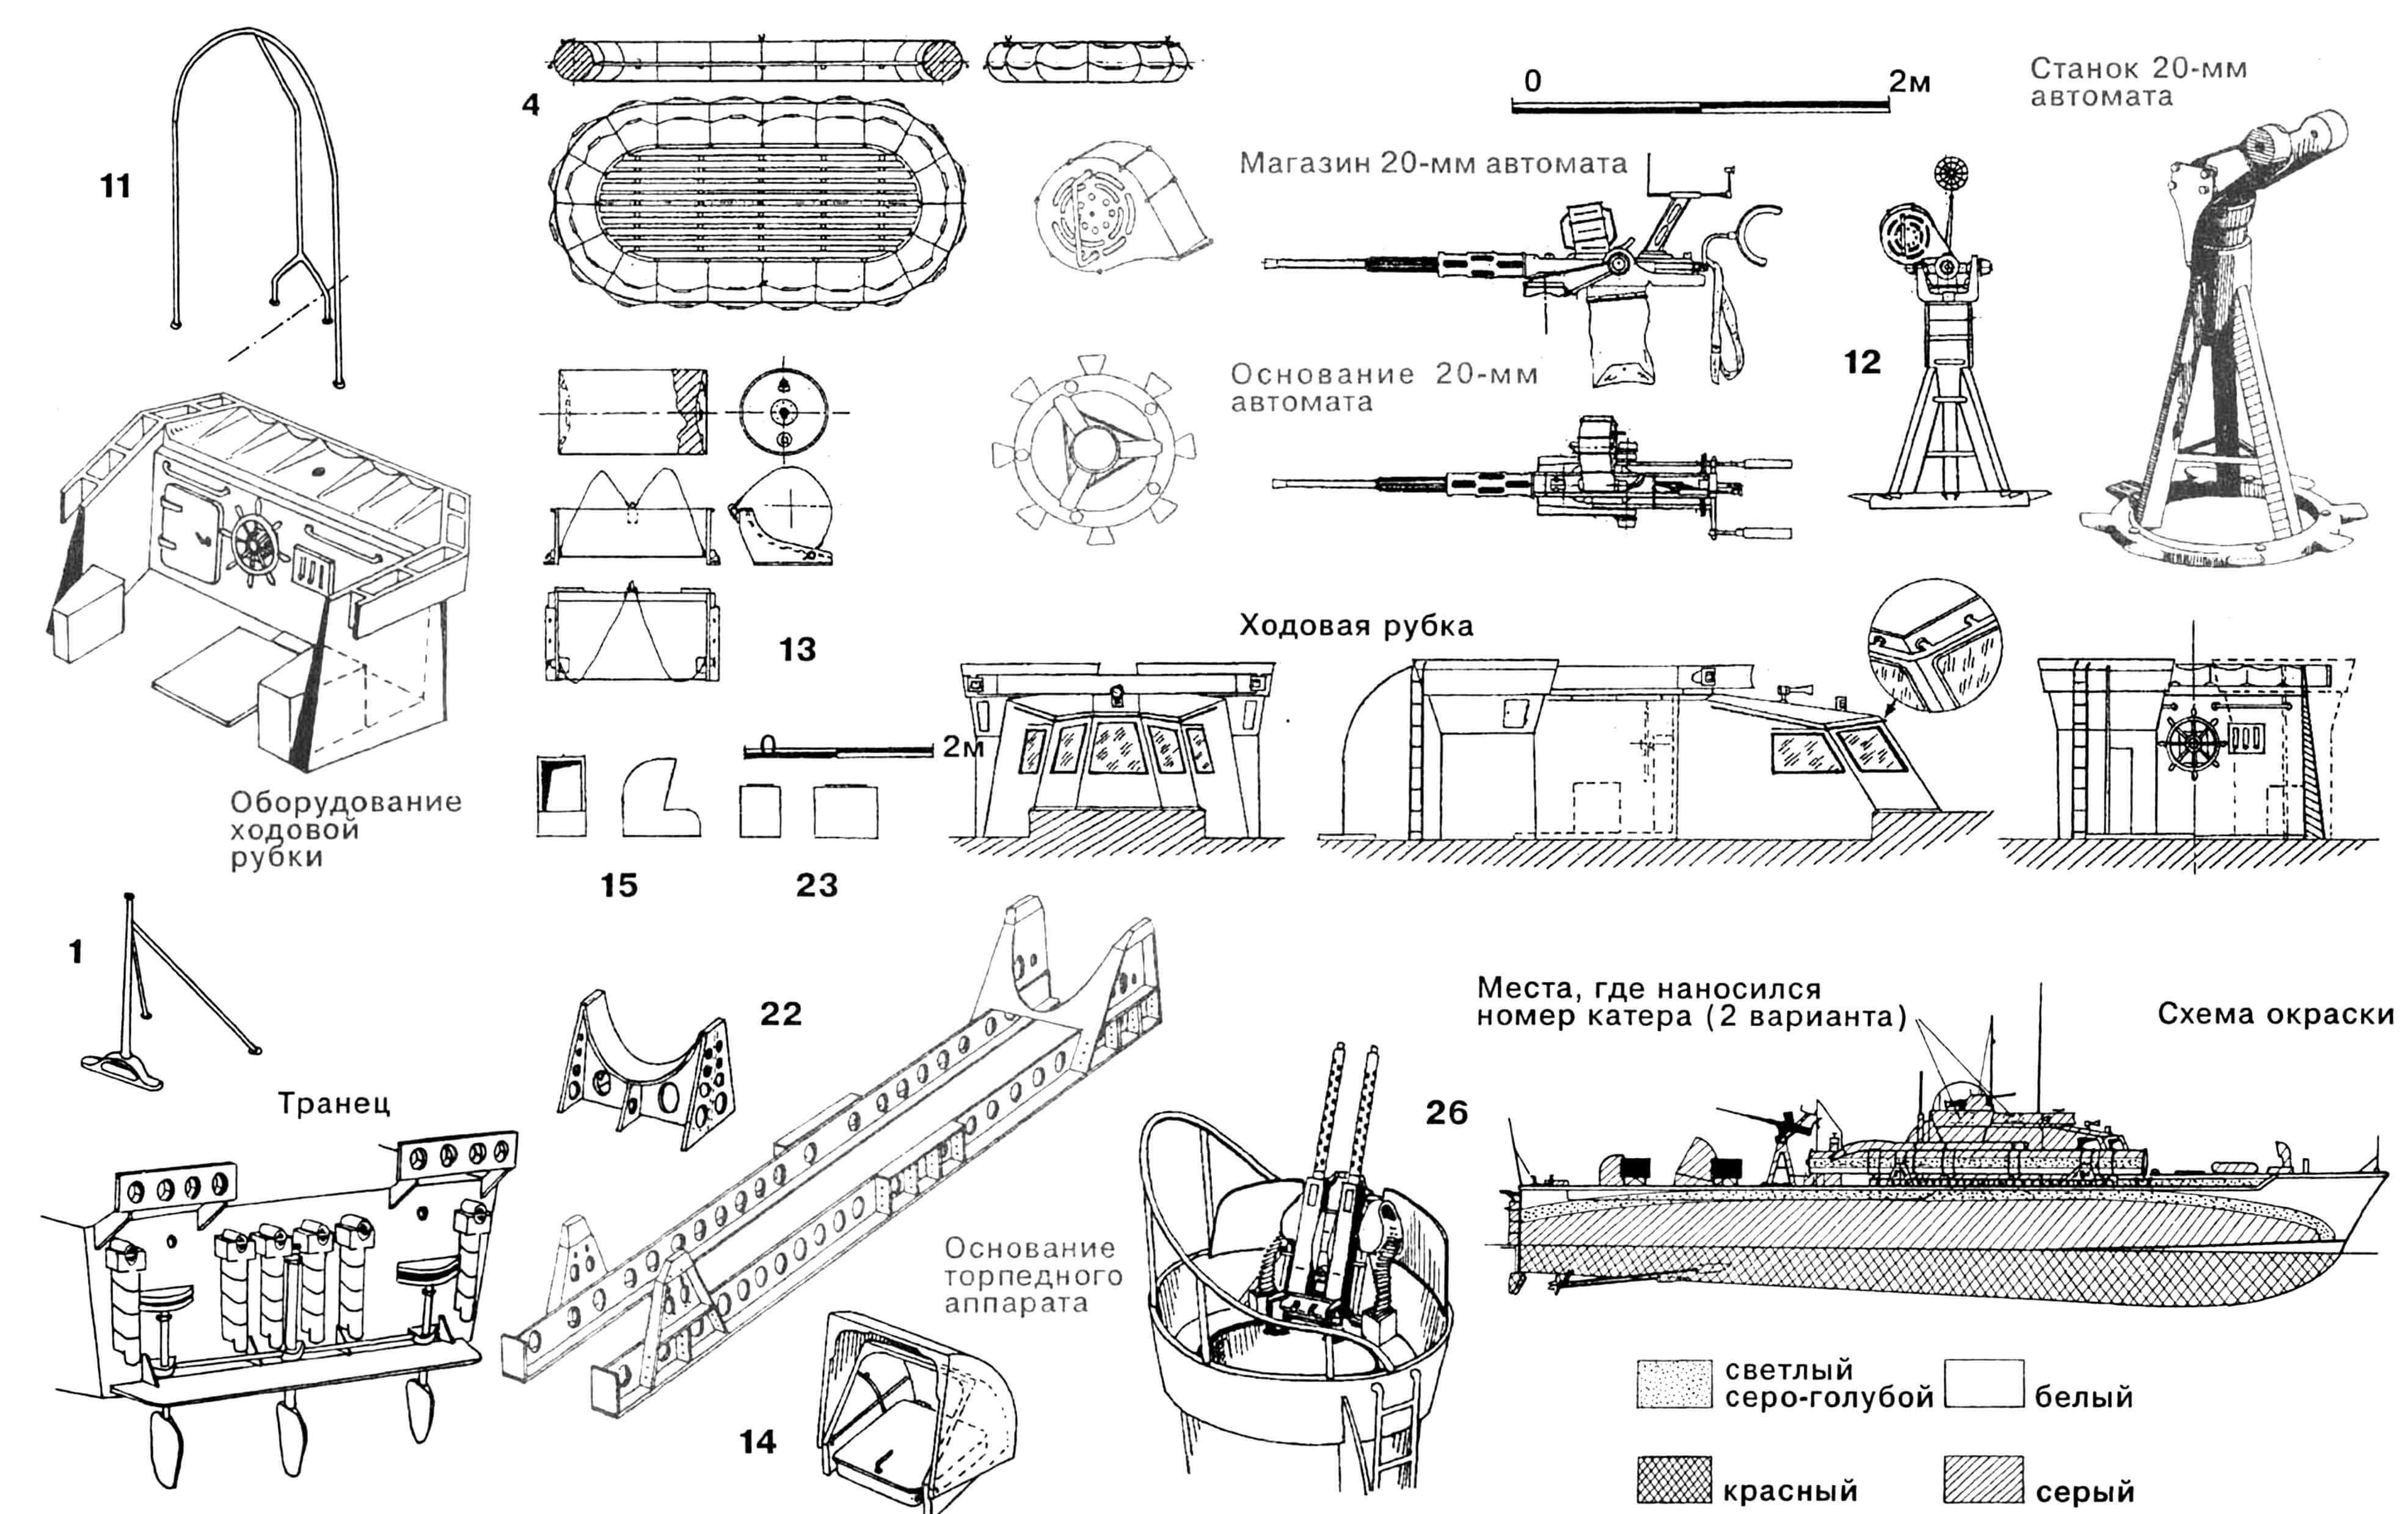 Торпедный катер ТК-238 (тип «Воспер»): 1 — стойка штормового леера с киповой планкой, 2,16 — кнехты, 3,15 — патрубки вентиляционные, 4 — плот спасательный, 5 — люк в кубрик, 6 — огни ходовые, 7 — тифон, 8 — прицел торпедный КЛП, 9 — антенны, 10 — мачта, 11 —каркас тента 20-мм автомата, 12 — 20-мм автомат «Эрликон», 13 — бомба глубинная Б-1, 14 — тамбур в машинное отделение сходный, 17 — флагшток, 18 — держатели дымовых шашек откидные, 19 — глушители выхлопных труб, 20 — люк в ахтерпик, 21 — грибки вентиляционные, 22 — блок направляющий для торпеды, 23 — кранец 20-мм патронов, 24 — аппарат торпедный, 25 — баллон сжатого воздуха для торпедной стрельбы, 26 — установка турельная 12,7-мм пулеметов «Кольт-Браунинг», 27 — якорь Инглефильда.